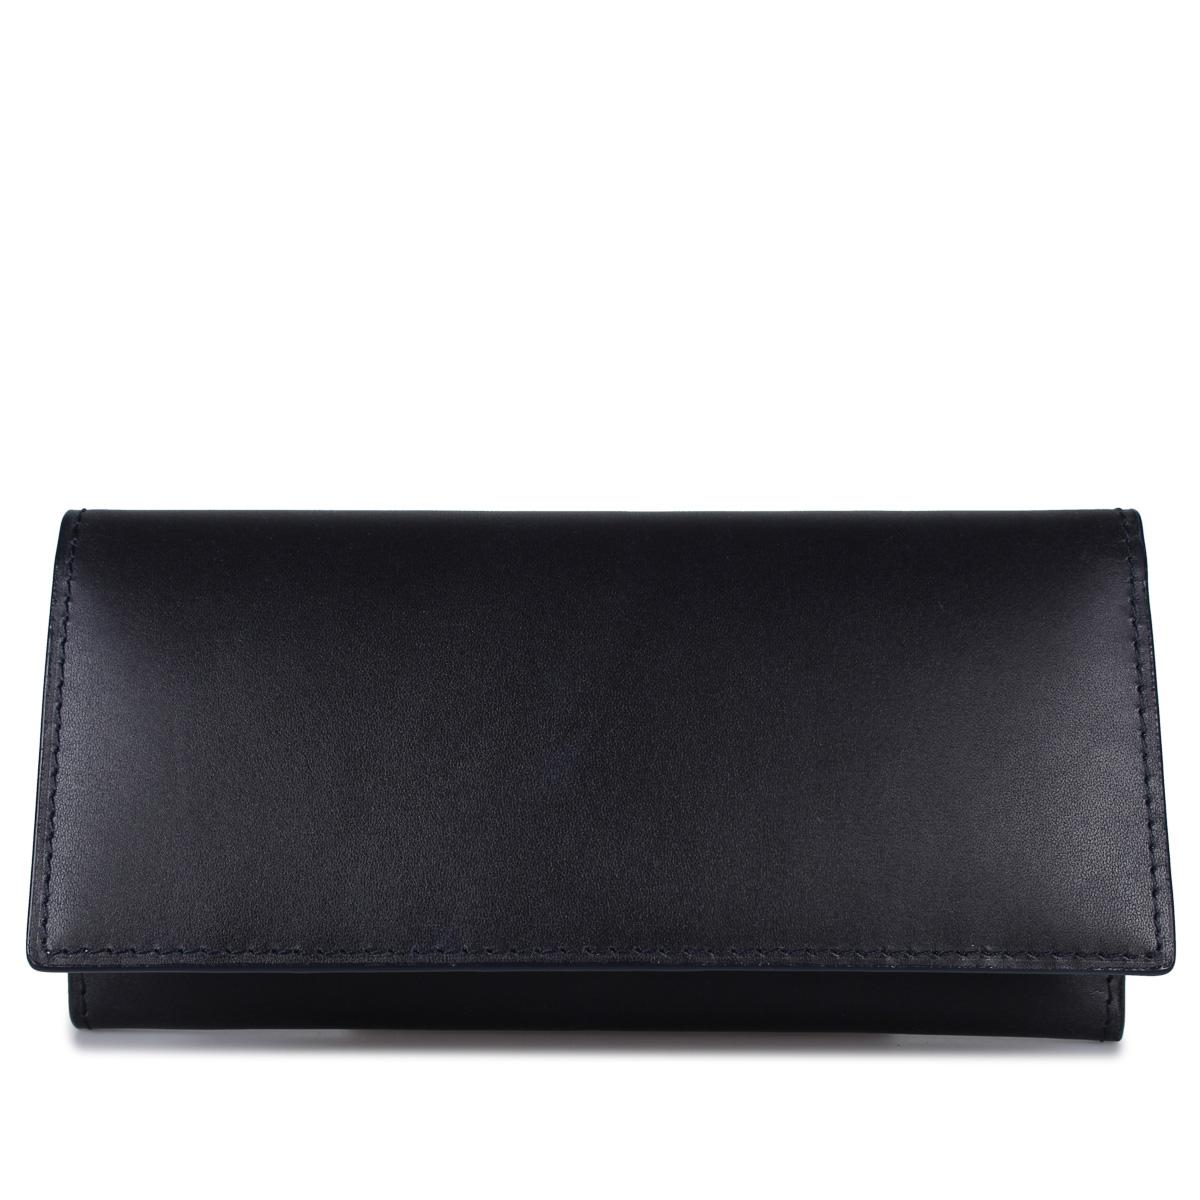 BAGGY PORT KOI LONG WALLET バギーポート 財布 長財布 メンズ レディース ネイビー ブルー ダークブルー ZYS090 [7/30 新入荷]